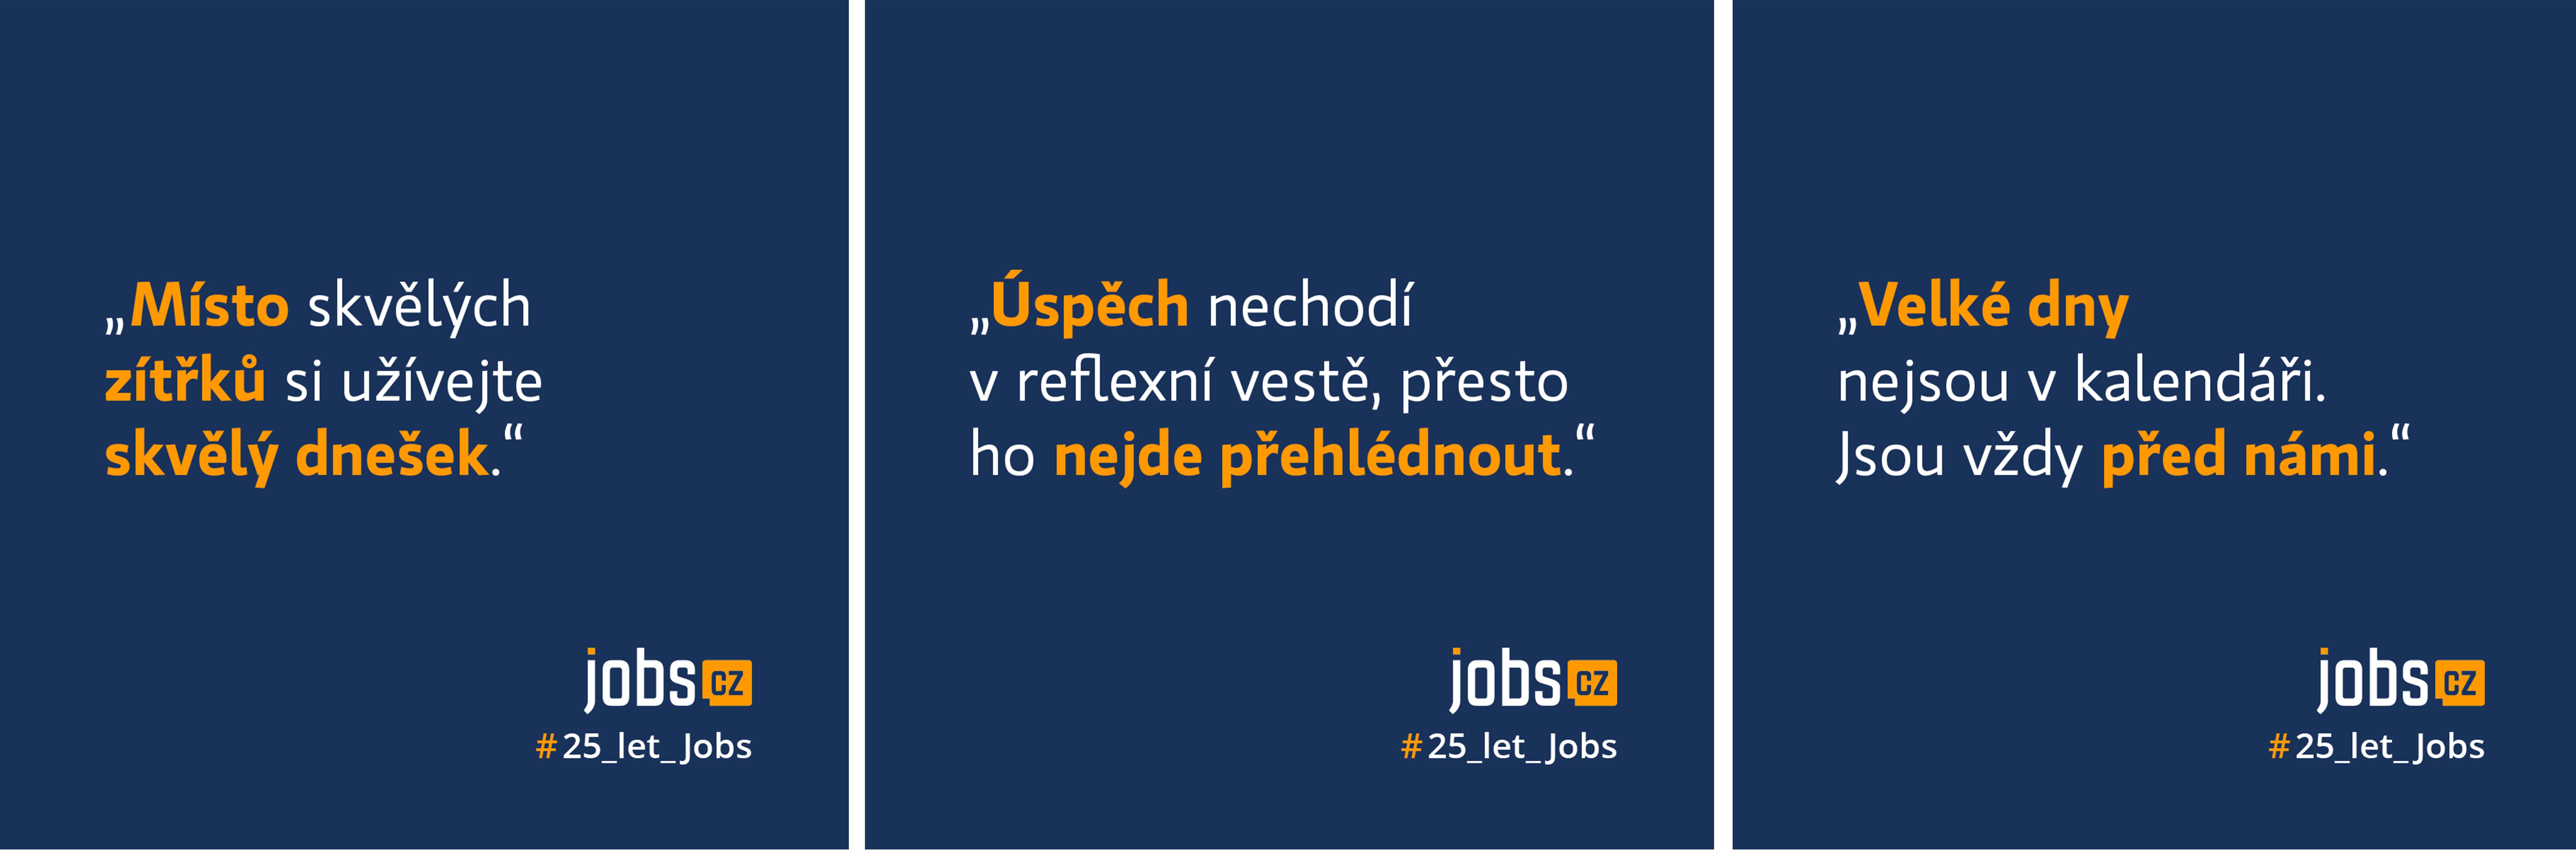 Ukázka kampaně Jobs.cz